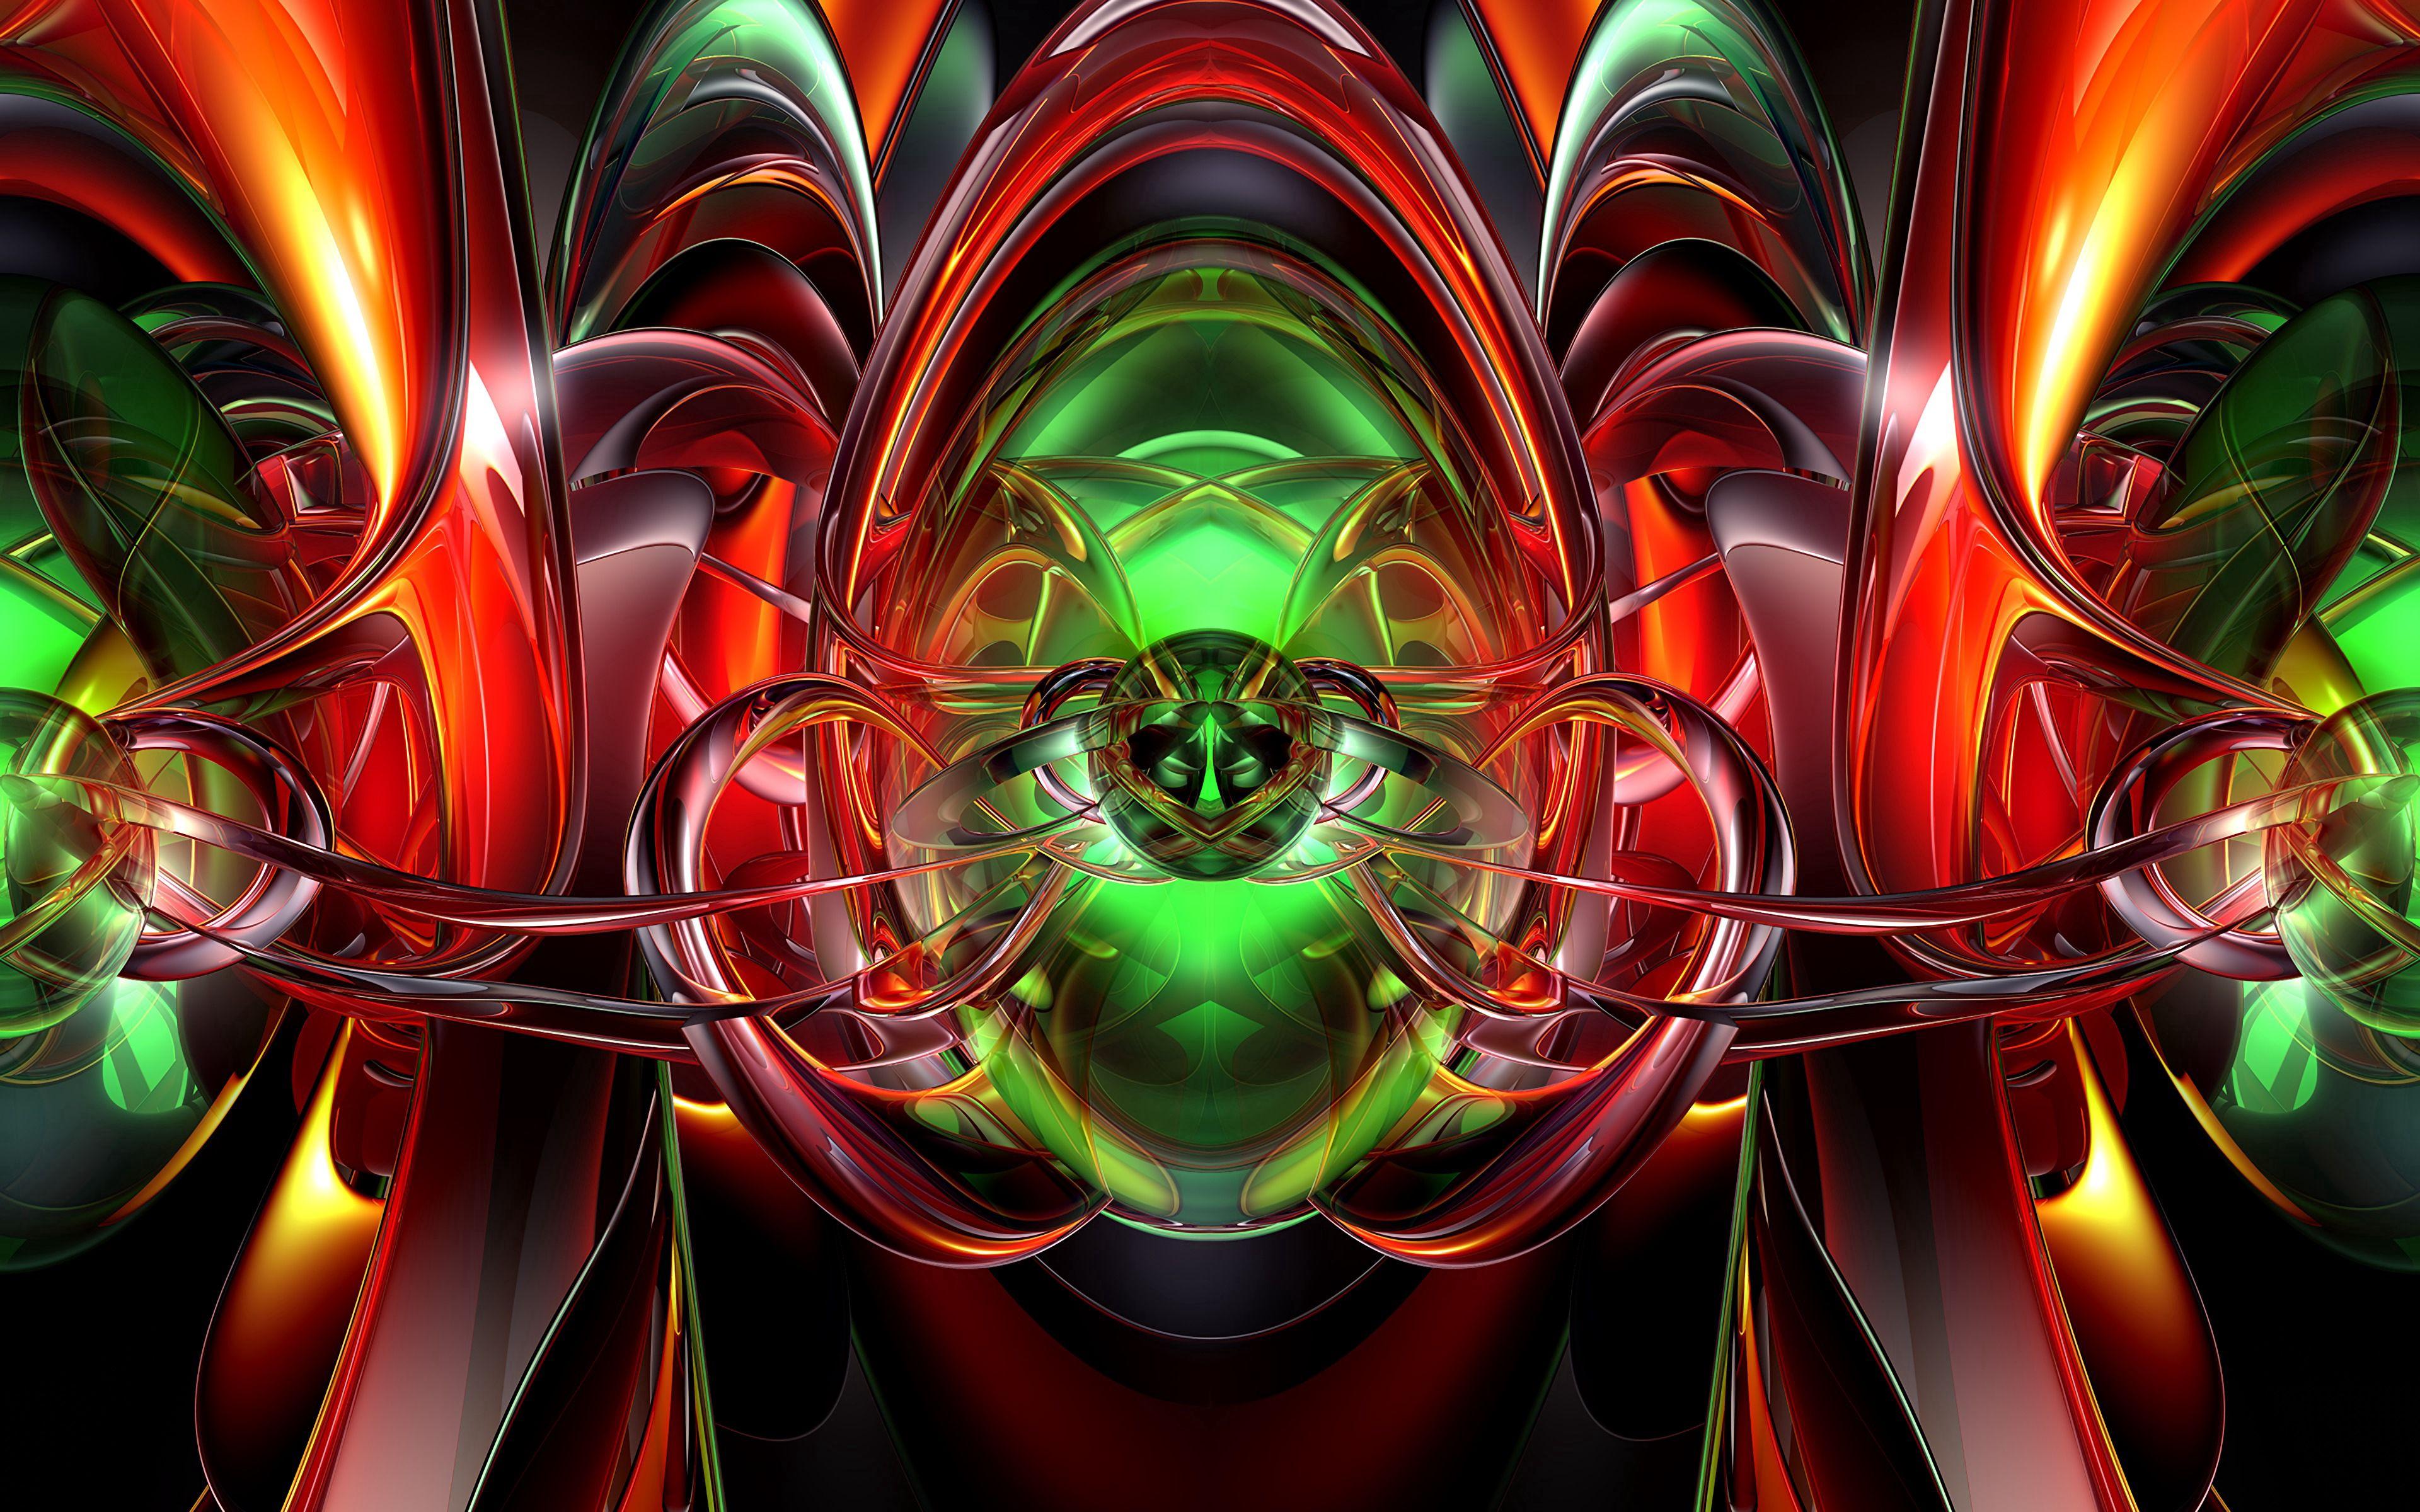 137583 Salvapantallas y fondos de pantalla 3D en tu teléfono. Descarga imágenes de Abstracción, Fractal, Multicolor, Abigarrado, Confundido, Intrincado, 3D gratis